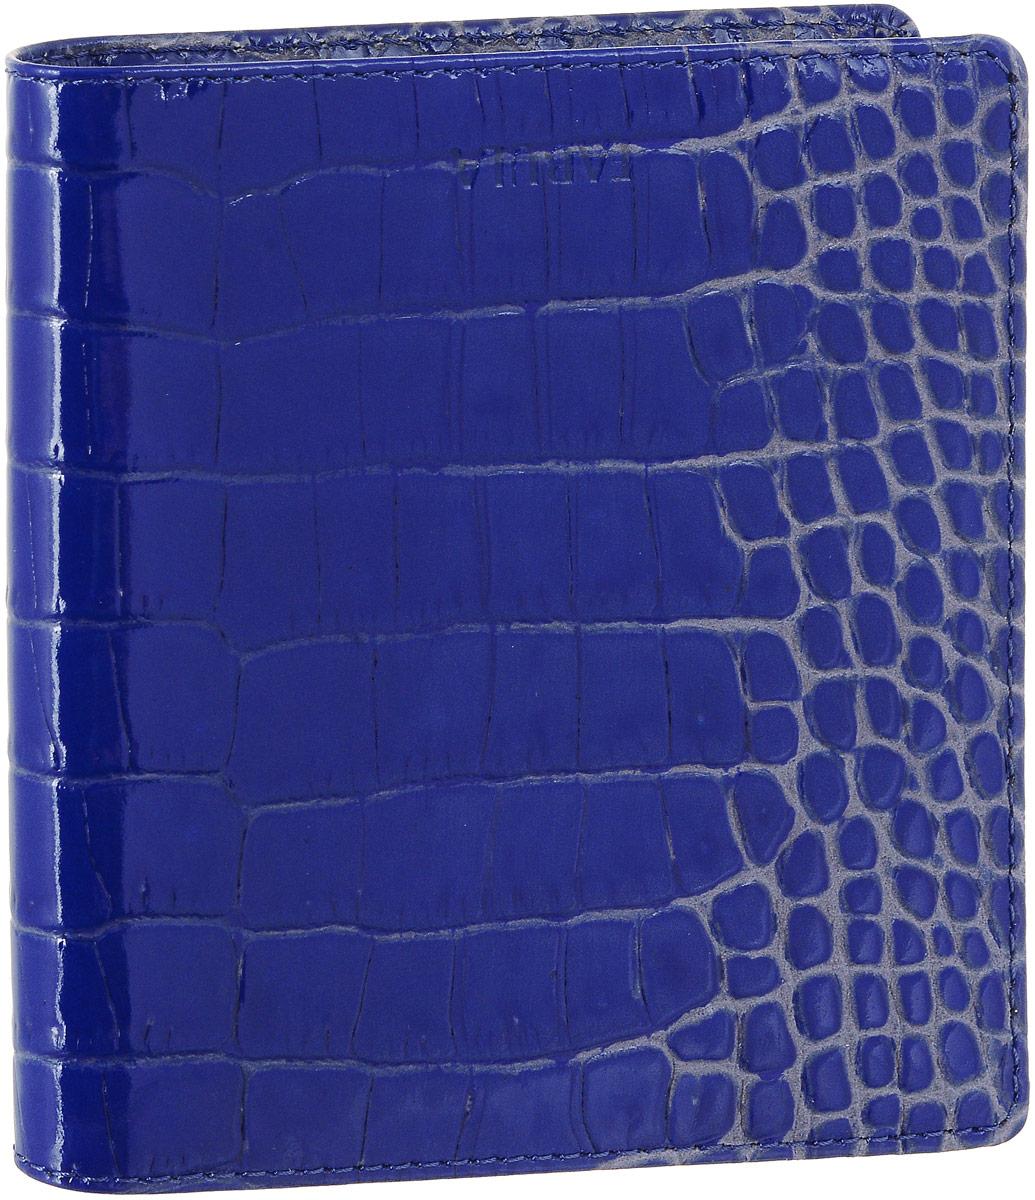 Визитница женская Fabula Croco Nile, цвет: ультрамарин. V.57/1.KRV.57/1.KR ультрамаринЖенская визитница Fabula Croco Nile выполнена из высококачественной натуральной кожи с фактурным тиснением под крокодила. Внутри имеется два кармана и блок из двадцати двойных отделений для визиток из прозрачного пластика. Изделие упаковано в фирменную коробку. Такая визитница станет отличным подарком для человека, ценящего качественные и практичные вещи.